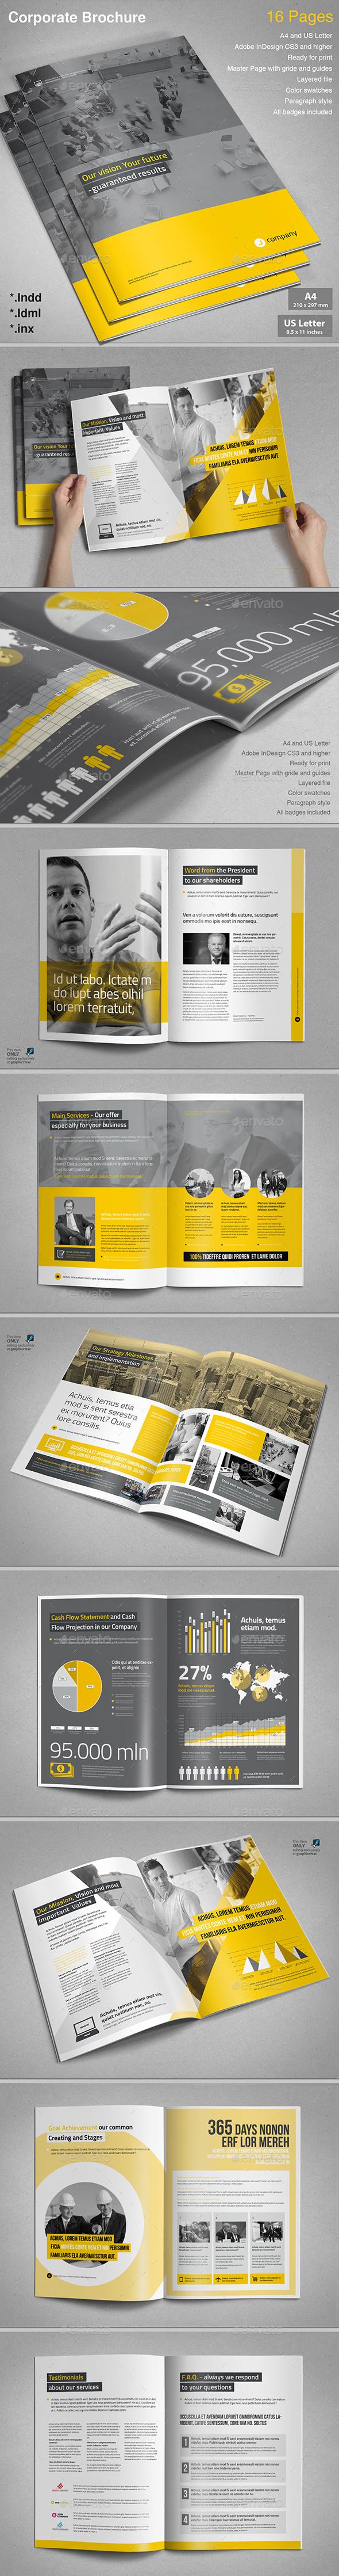 Corporate Brochure Vol.5 - Corporate Brochures